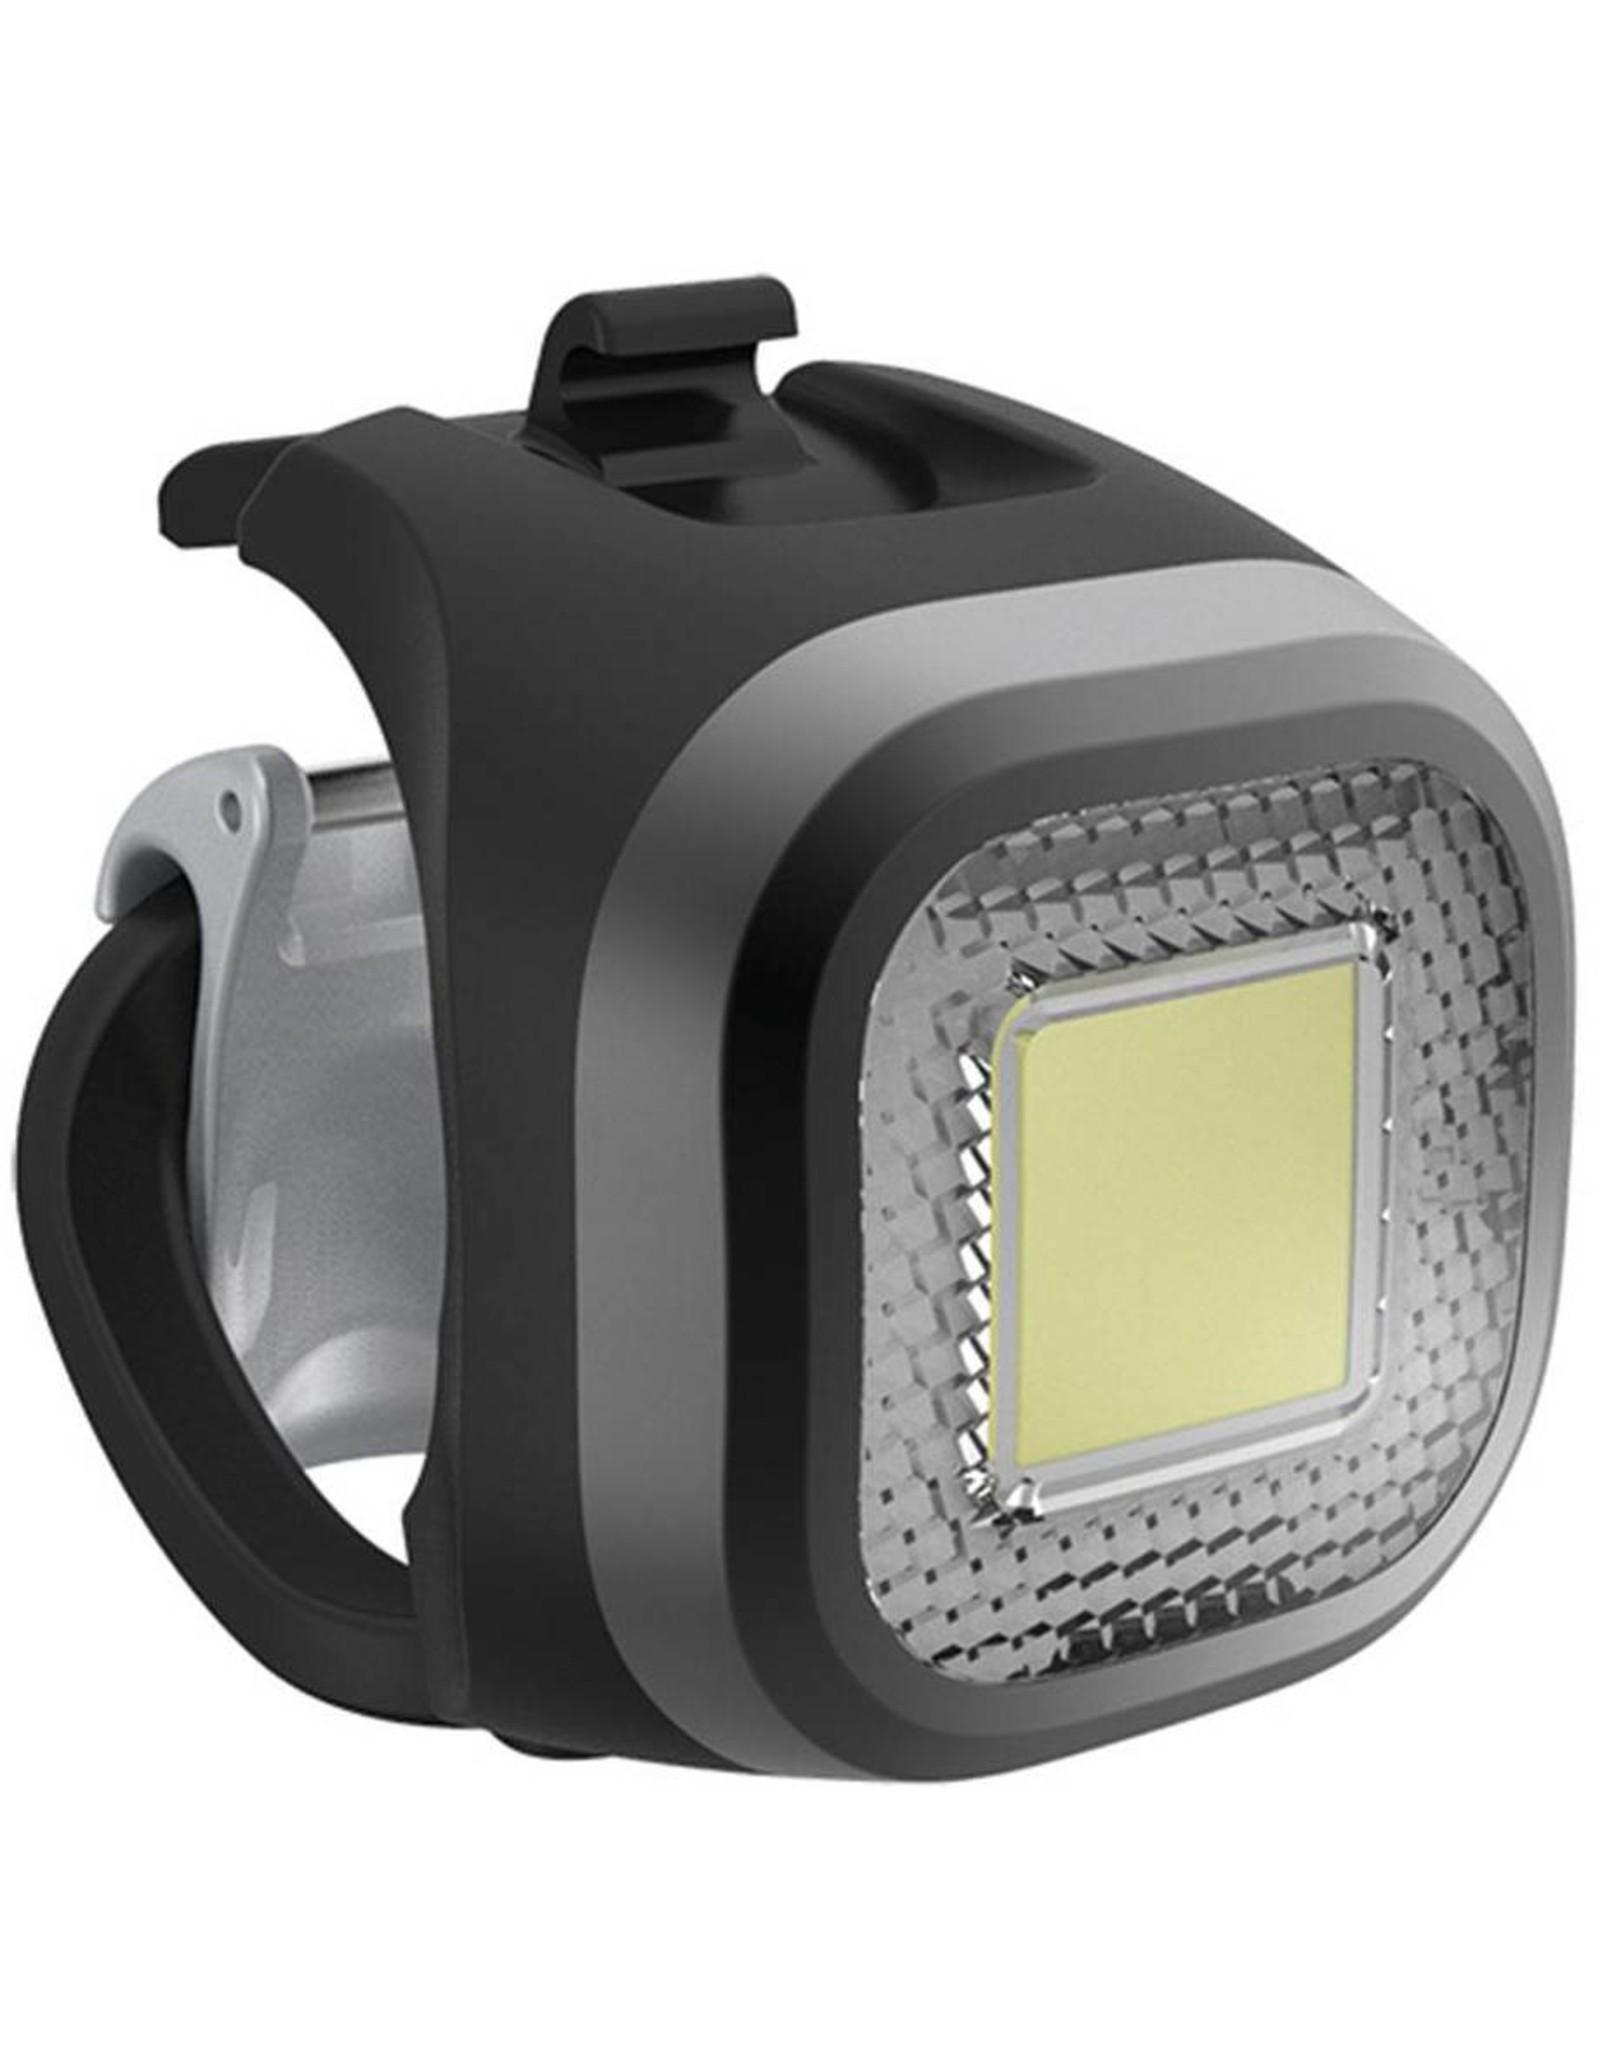 Knog Knog Blinder Mini Chippy Front Light - Black